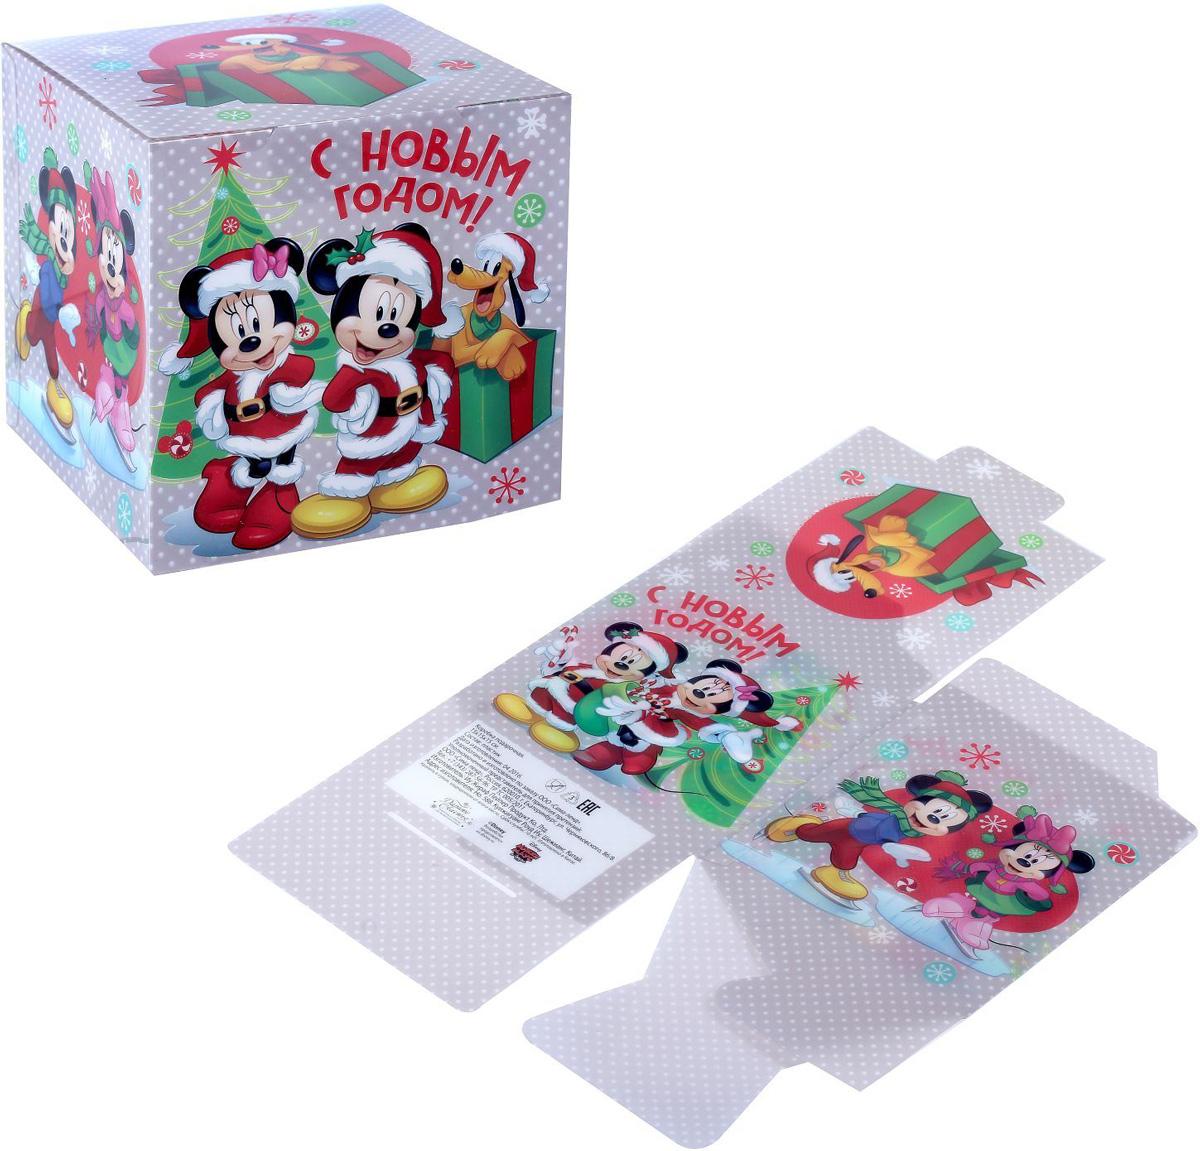 Коробка складная Disney Веселого праздника! Микки Маус и друзья, 15 х 15 х 15 см1426877Коробка складная Disney Веселого праздника! Микки Маус и друзья выполнена из пластика. Любой подарок начинается с упаковки. Что может быть трогательнее и волшебнее, чем ритуал разворачивания полученного презента. И именно оригинальная, со вкусом выбранная упаковка выделит ваш подарок из массы других. Она продемонстрирует самые теплые чувства к виновнику торжества и создаст сказочную атмосферу праздника. Размер коробки в сложенном виде: 15 х 15 х 15 см.